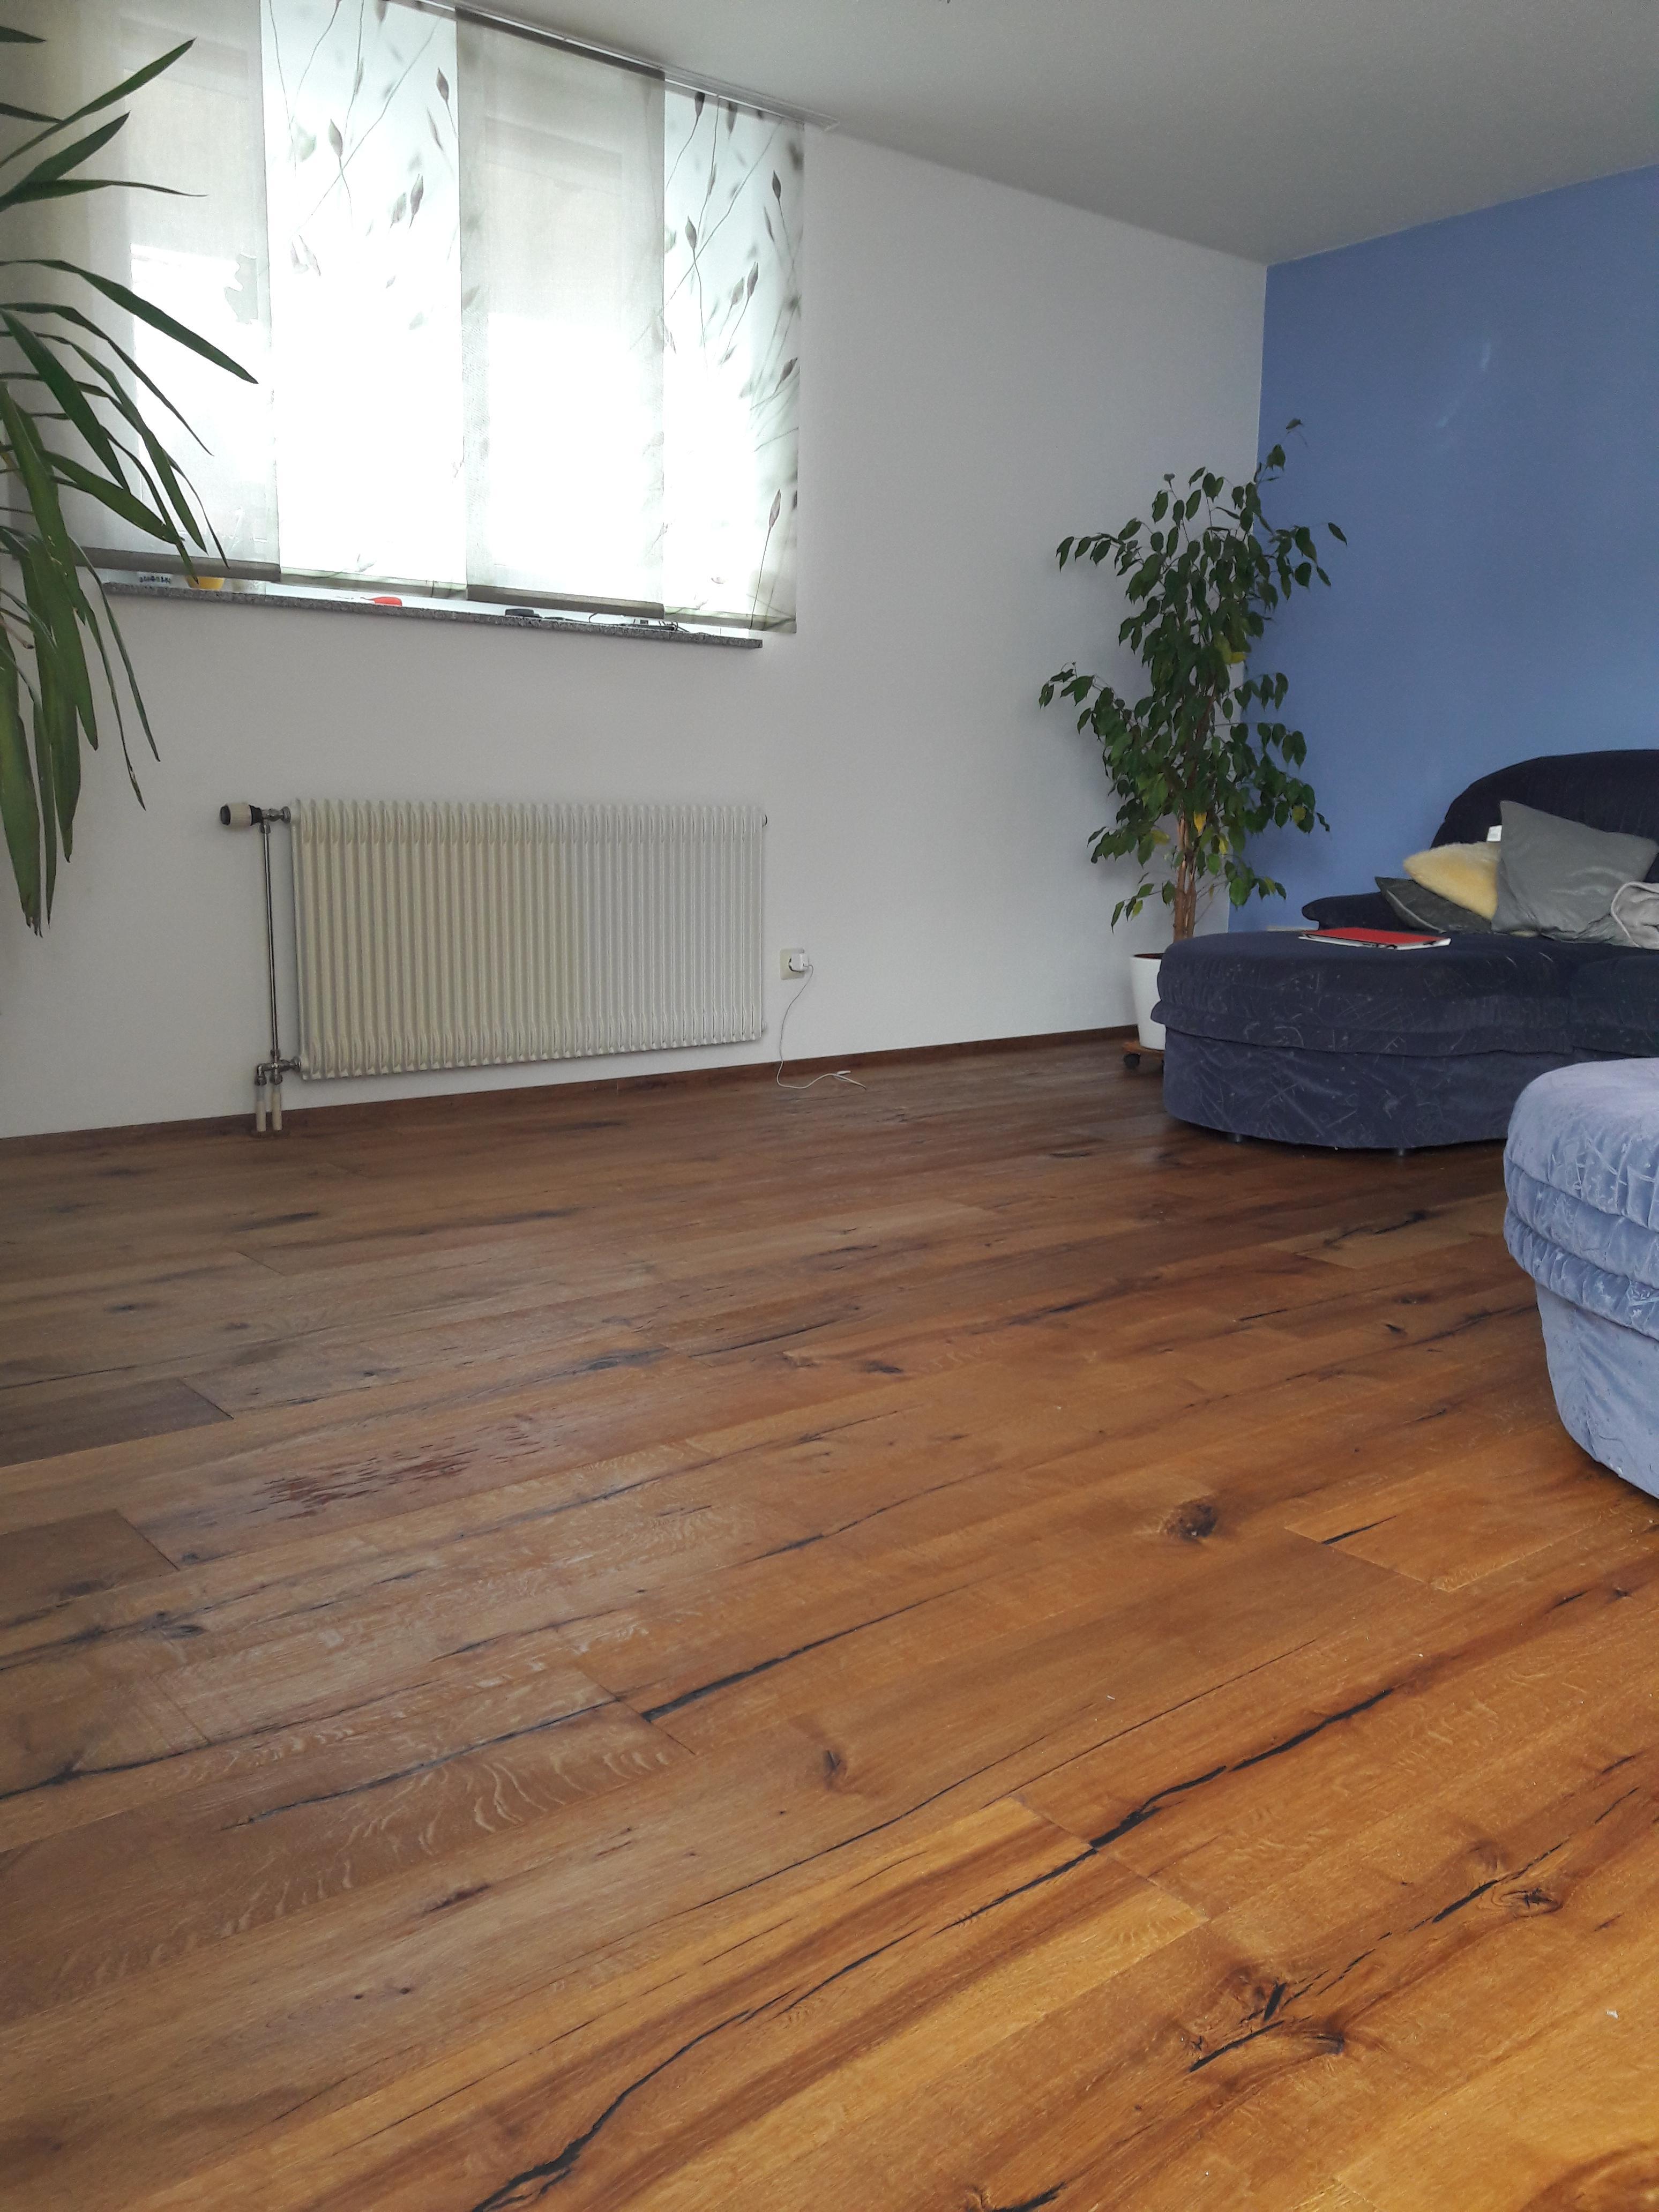 Neuer Boden Im Wohnzimmer Eiche Echtholz Couch